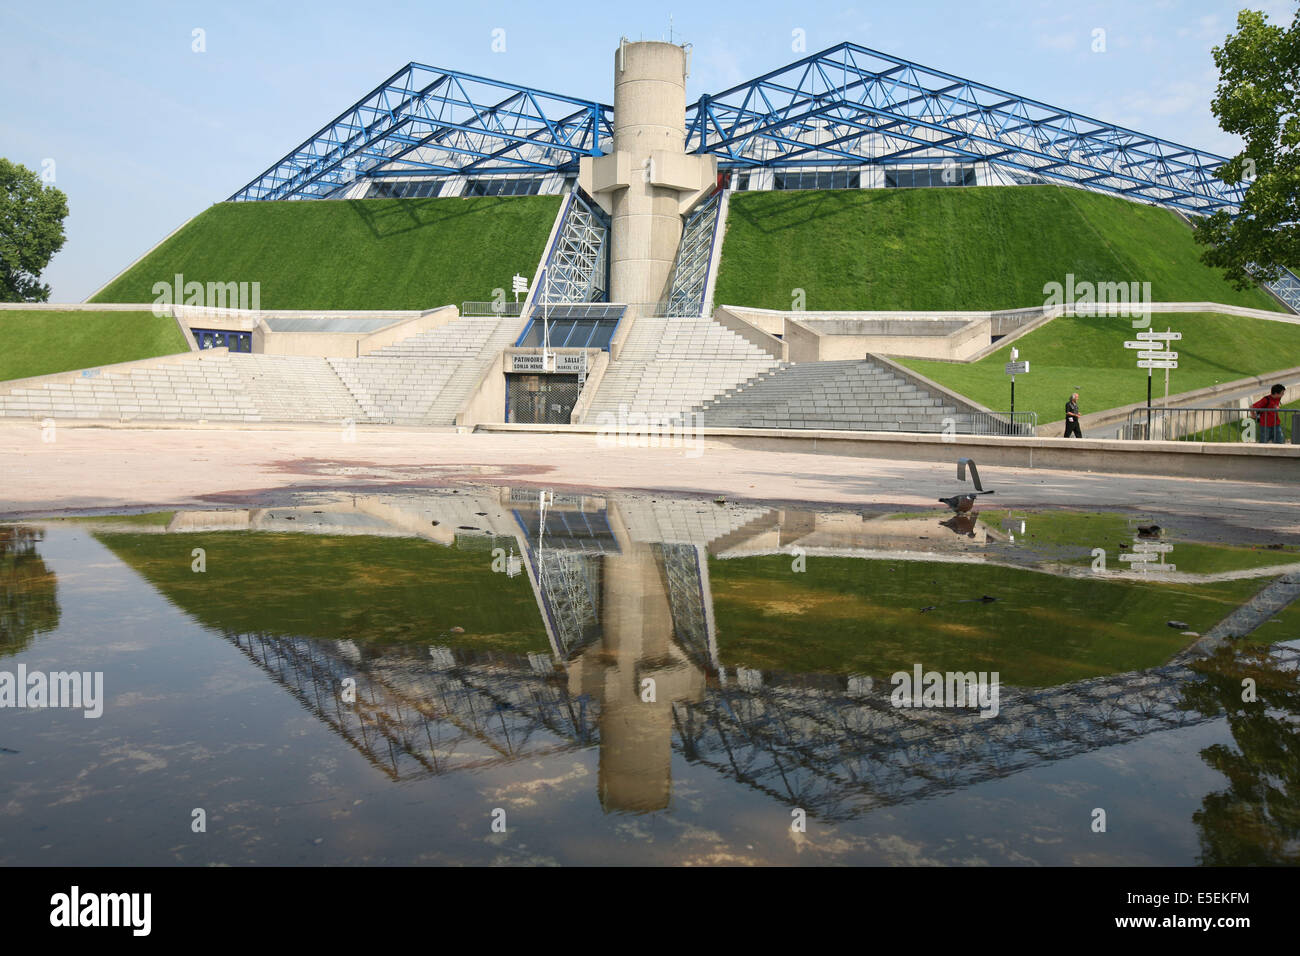 France, paris 12e, parc de Bercy palais omnisports, popb, - Stock Image